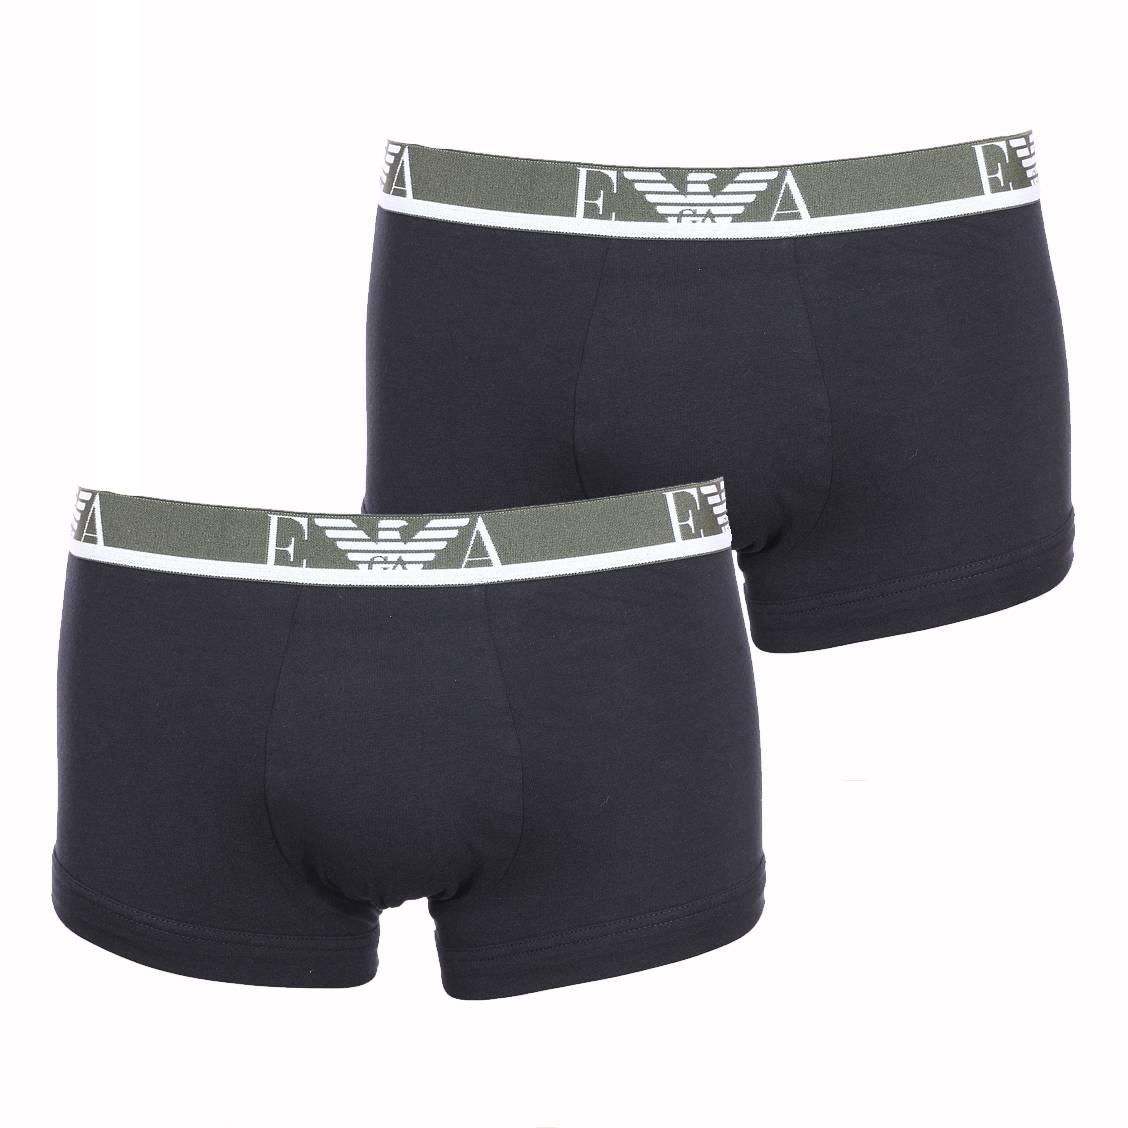 Lot de 2 boxers  en coton stretch noir, ceinture kaki brodée en blanc